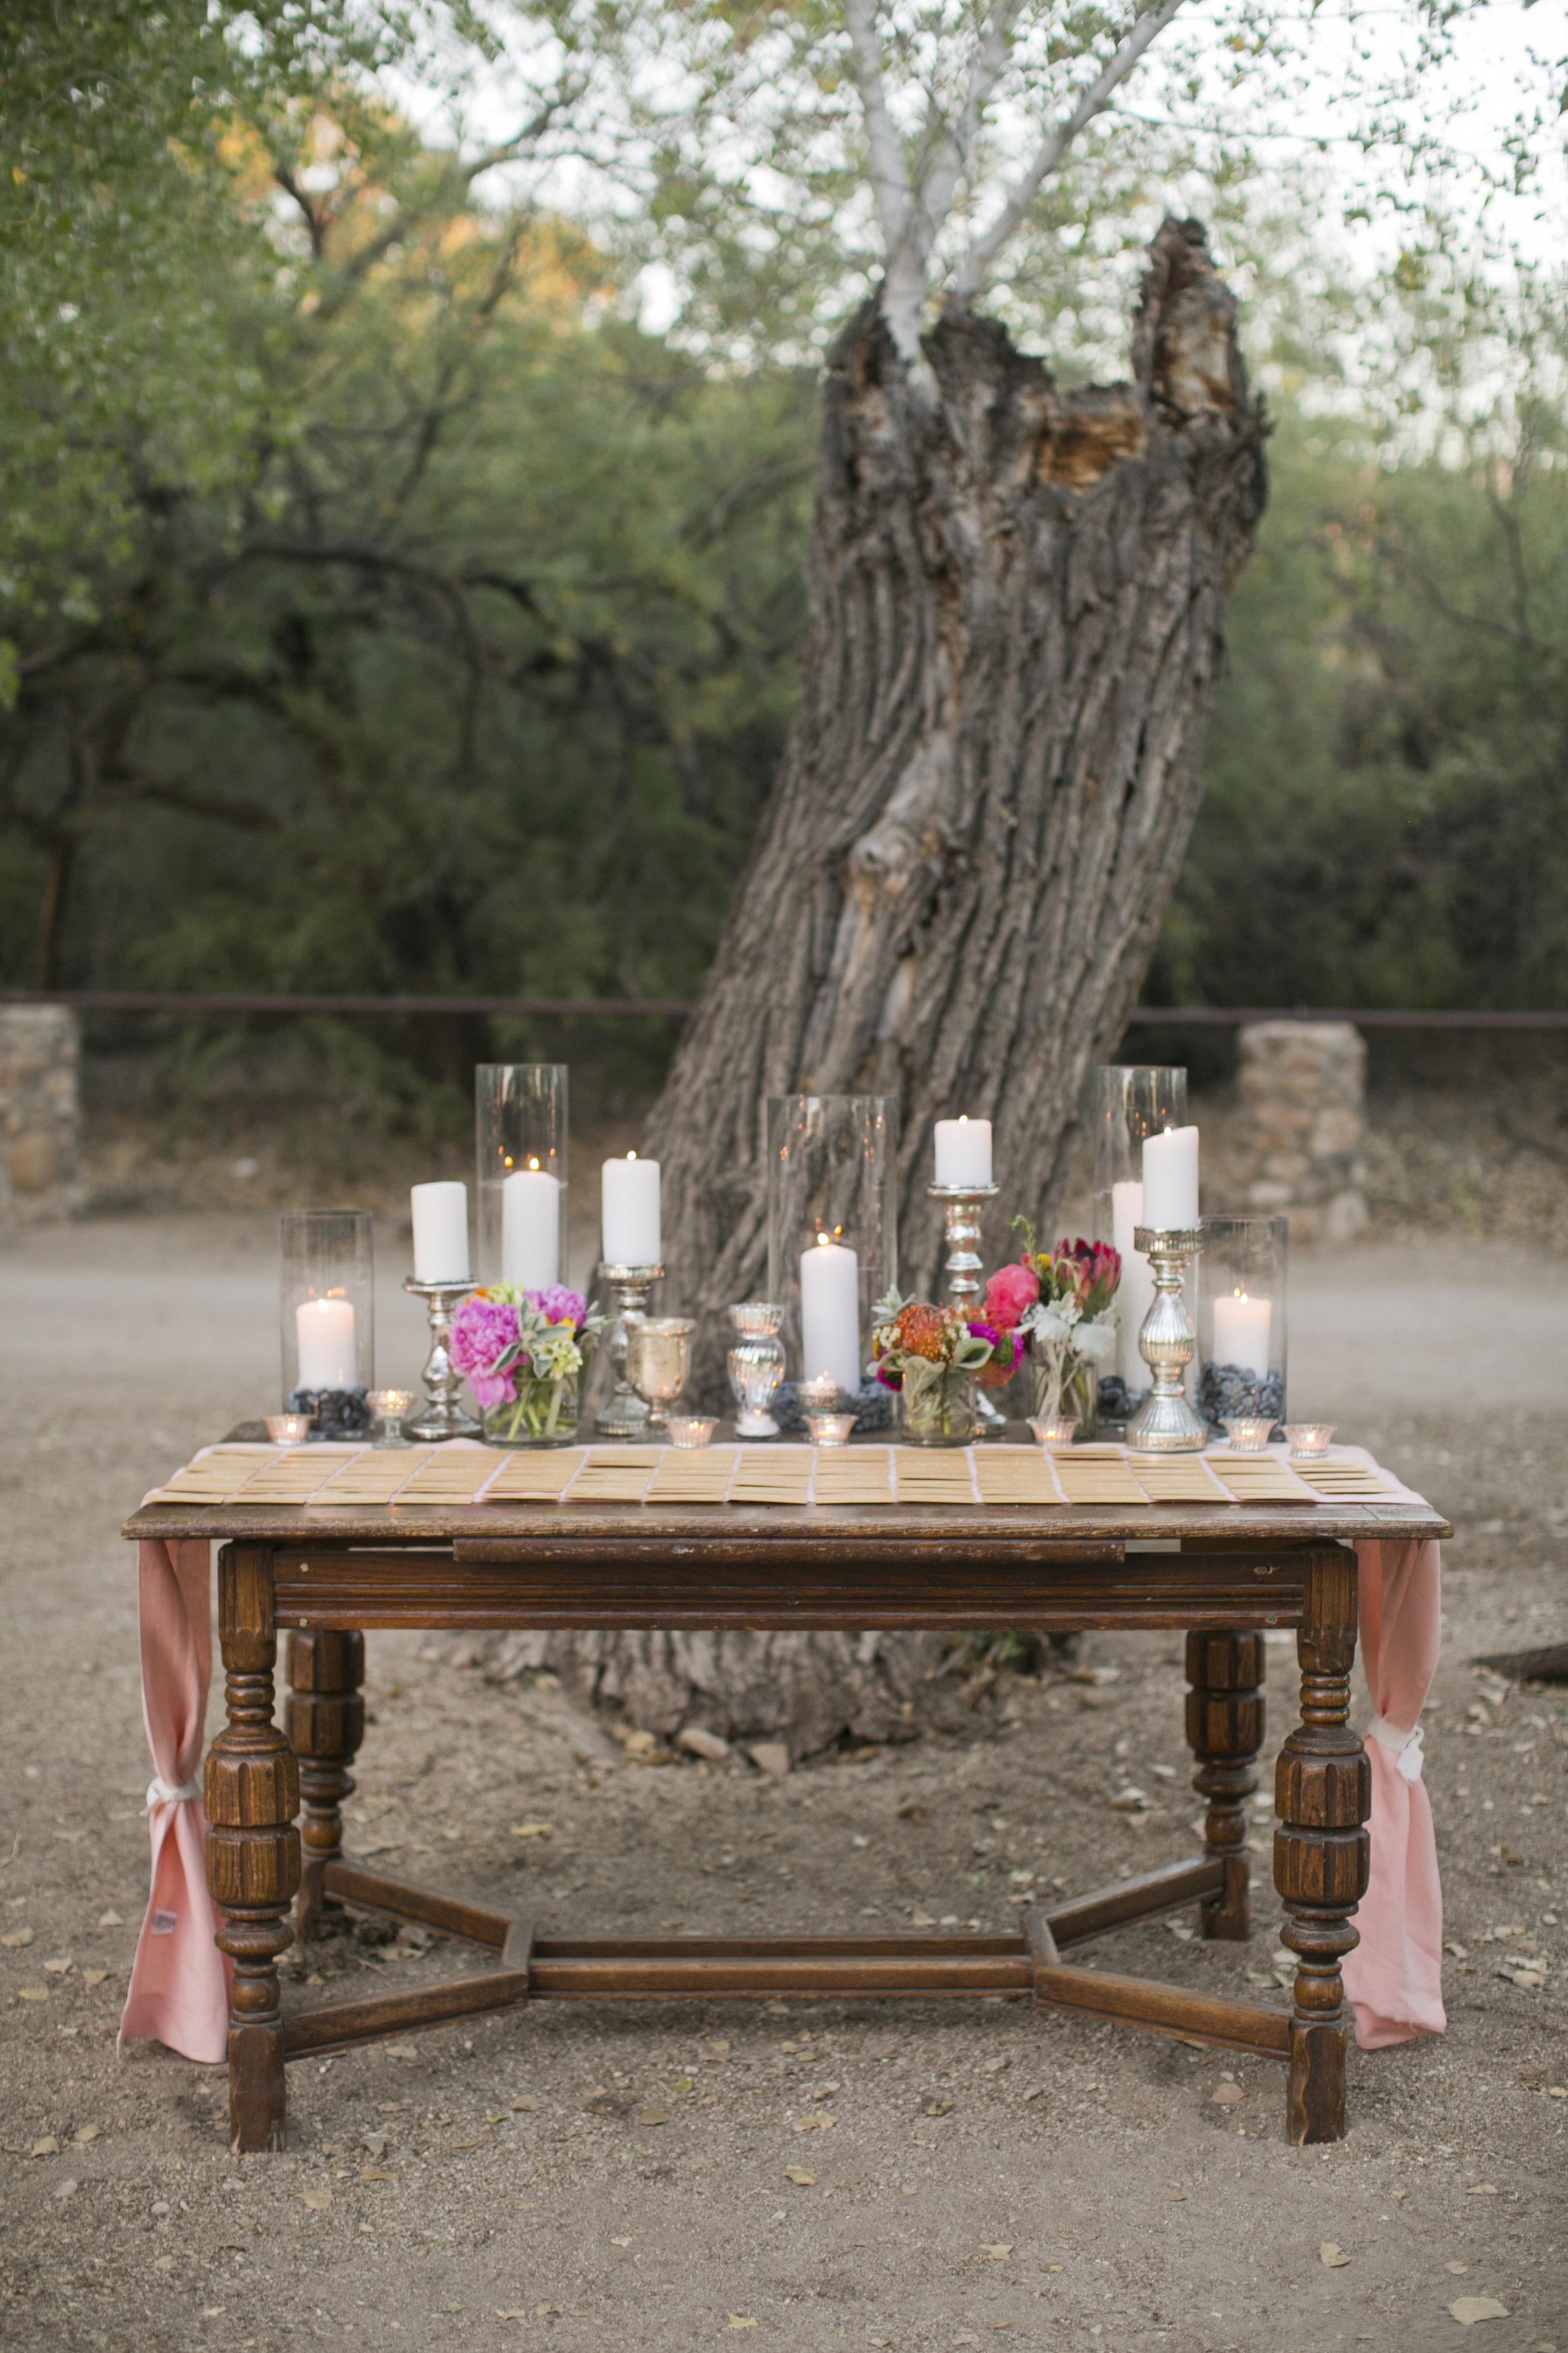 Ceci_New_York_Ceci_Style_Ceci_Johnson_Luxury_Lifestyle_Arizona_Wedding_Watercolor_Inspiration_Design_Custom_Couture_Personalized_Invitations_152.jpg